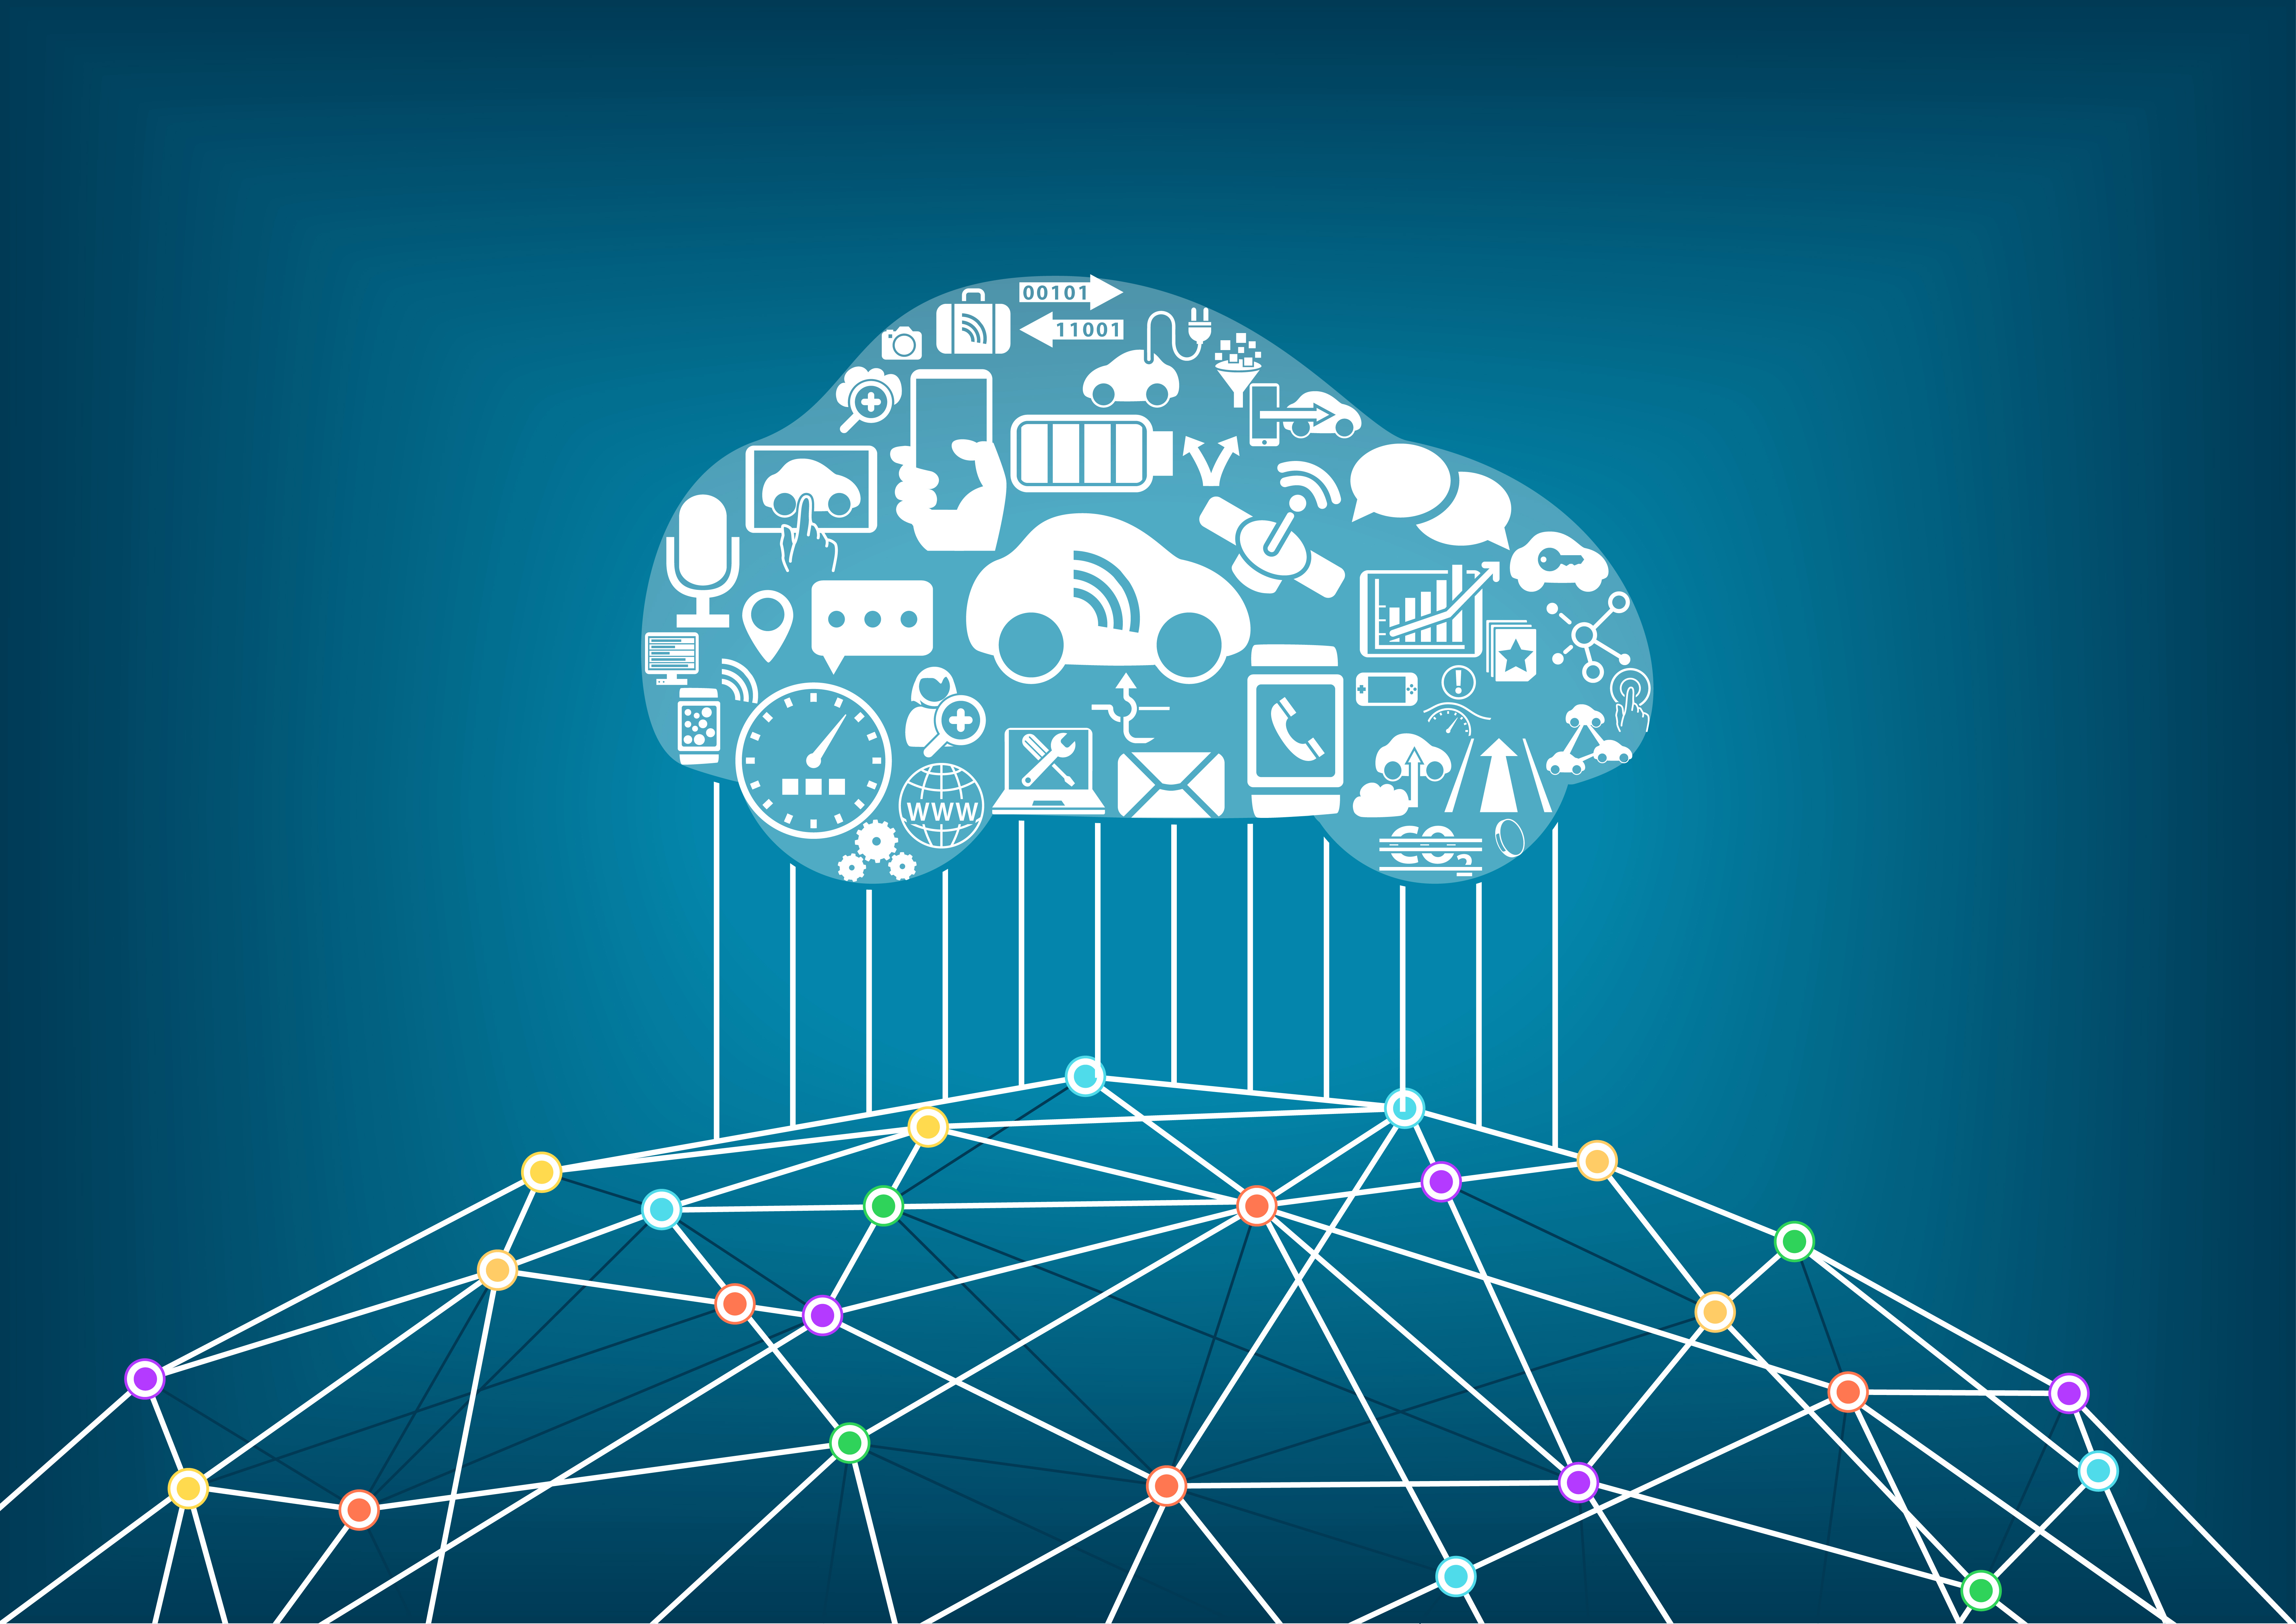 AI를 만나면 교통은 어떻게 똑똑해질까? - 남대식,...